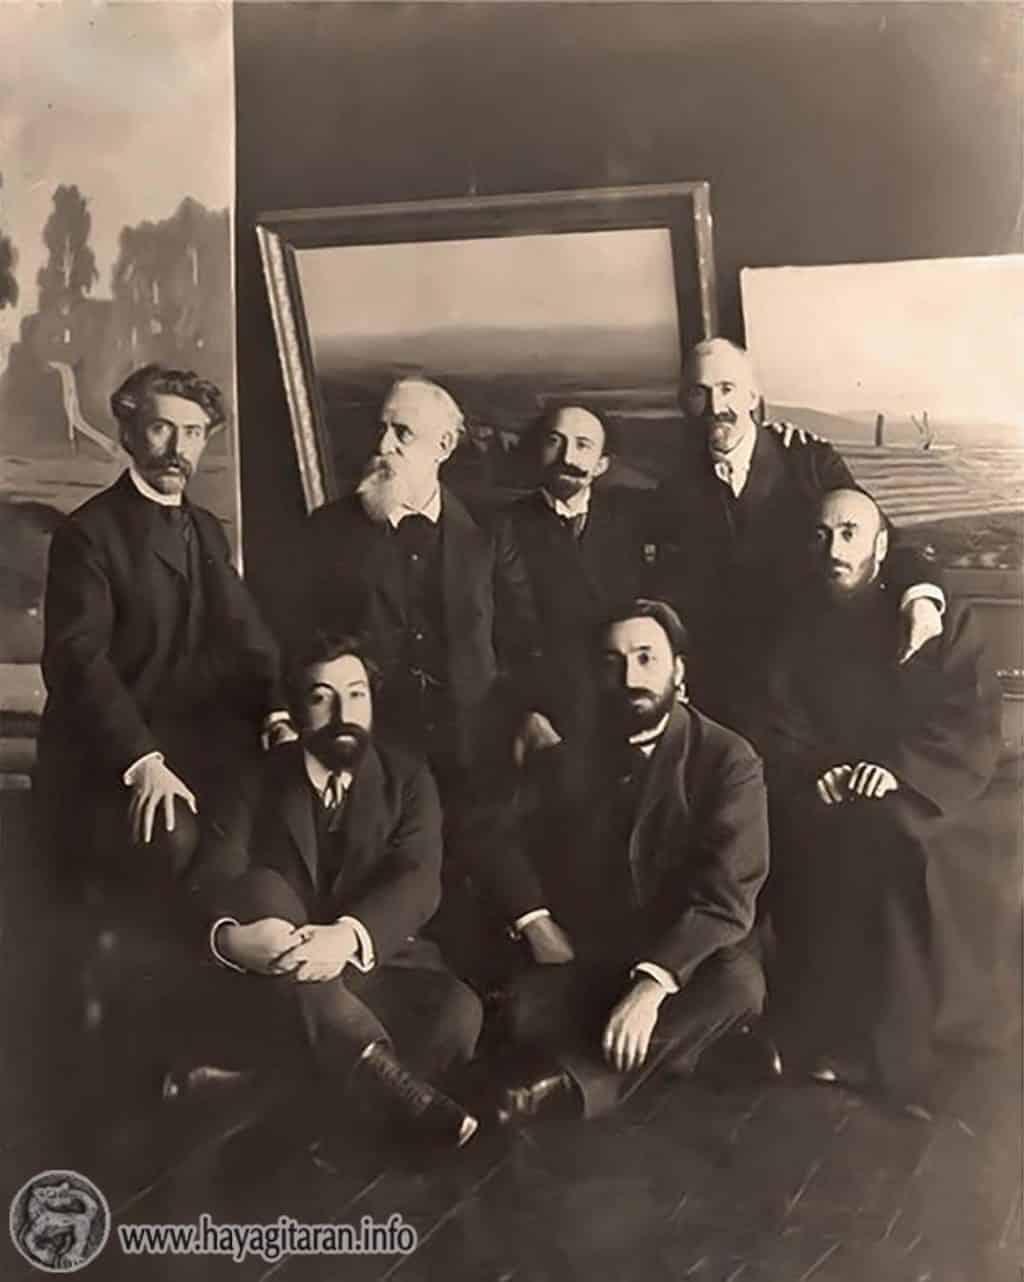 Գևորգ Բաշինջաղյան, Ղազարոս Աղայան, Արշակ Չոպանյան, Հովհաննես Թումանյան, Կոմիտաս, Ավետիք Իսահակյան, Վրթանես Փափազյան - 1908թ․։   Gevorg Bashinjaghian Ghazaros Aghayan Arshak Chopanian Hovhannes Tumanyan Komitas Vardapet Vrtanes Papazian Avedik Isahakyan